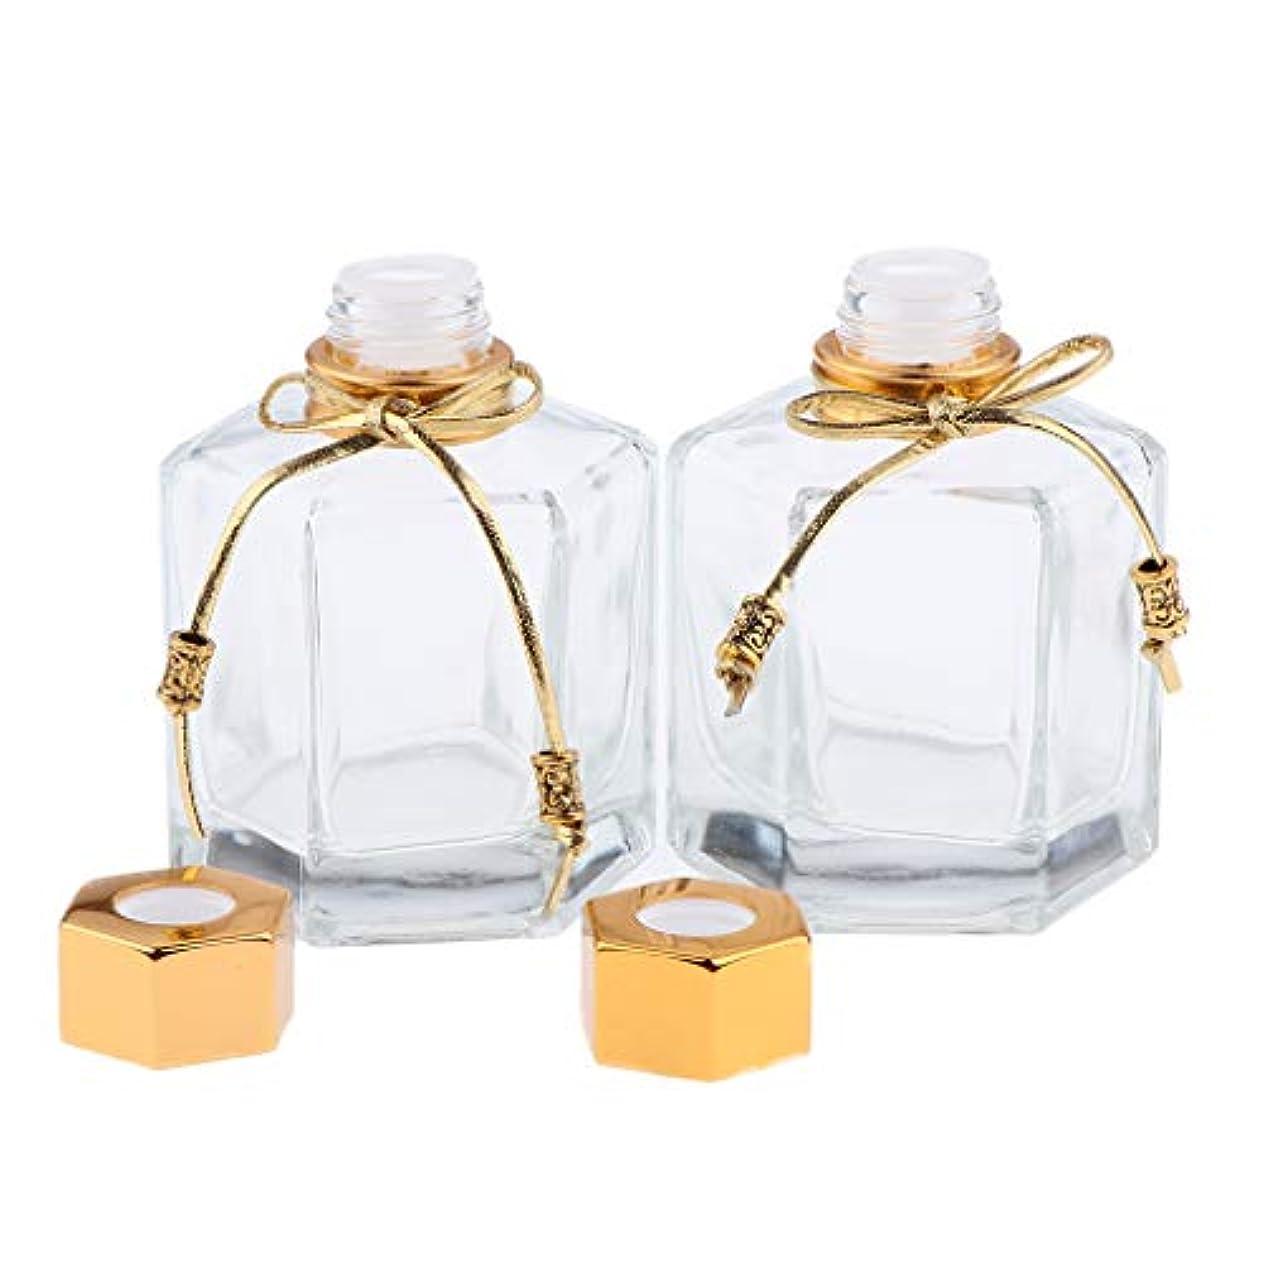 ミス配偶者グロー香水瓶 ガラス 香水ボトル オイル エッセンシャルオイル ボトル 拡散器 2色選べ - ゴールデン